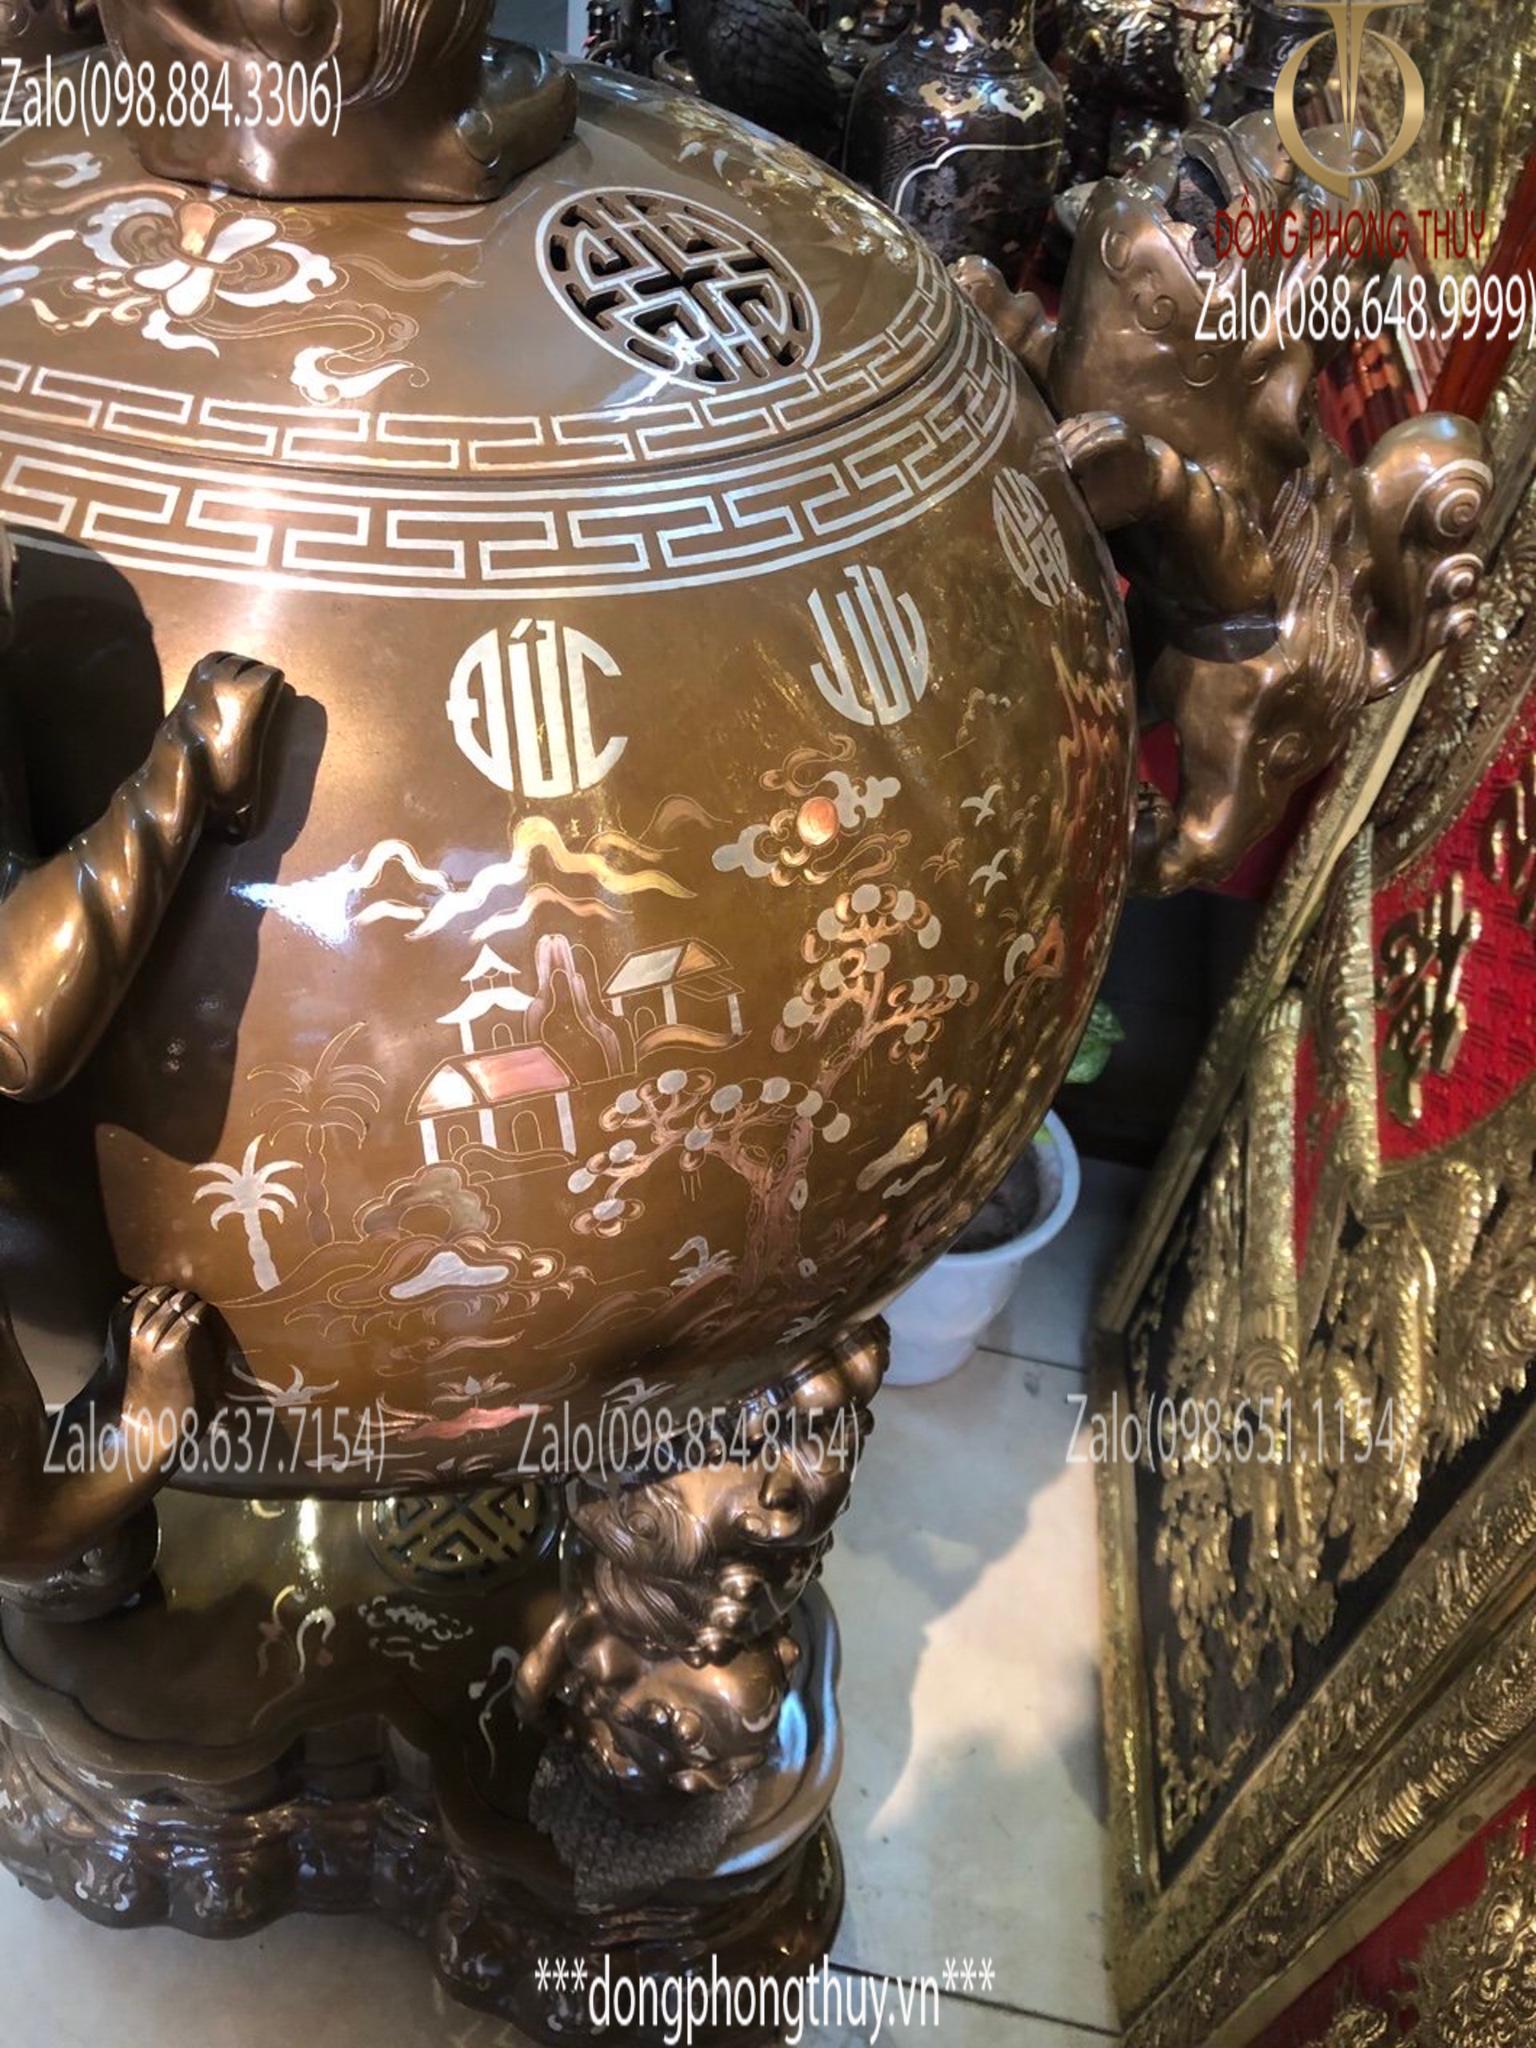 Đỉnh đồng thất lân vờn cầu khảm tam khí 1m5 chữ Việt